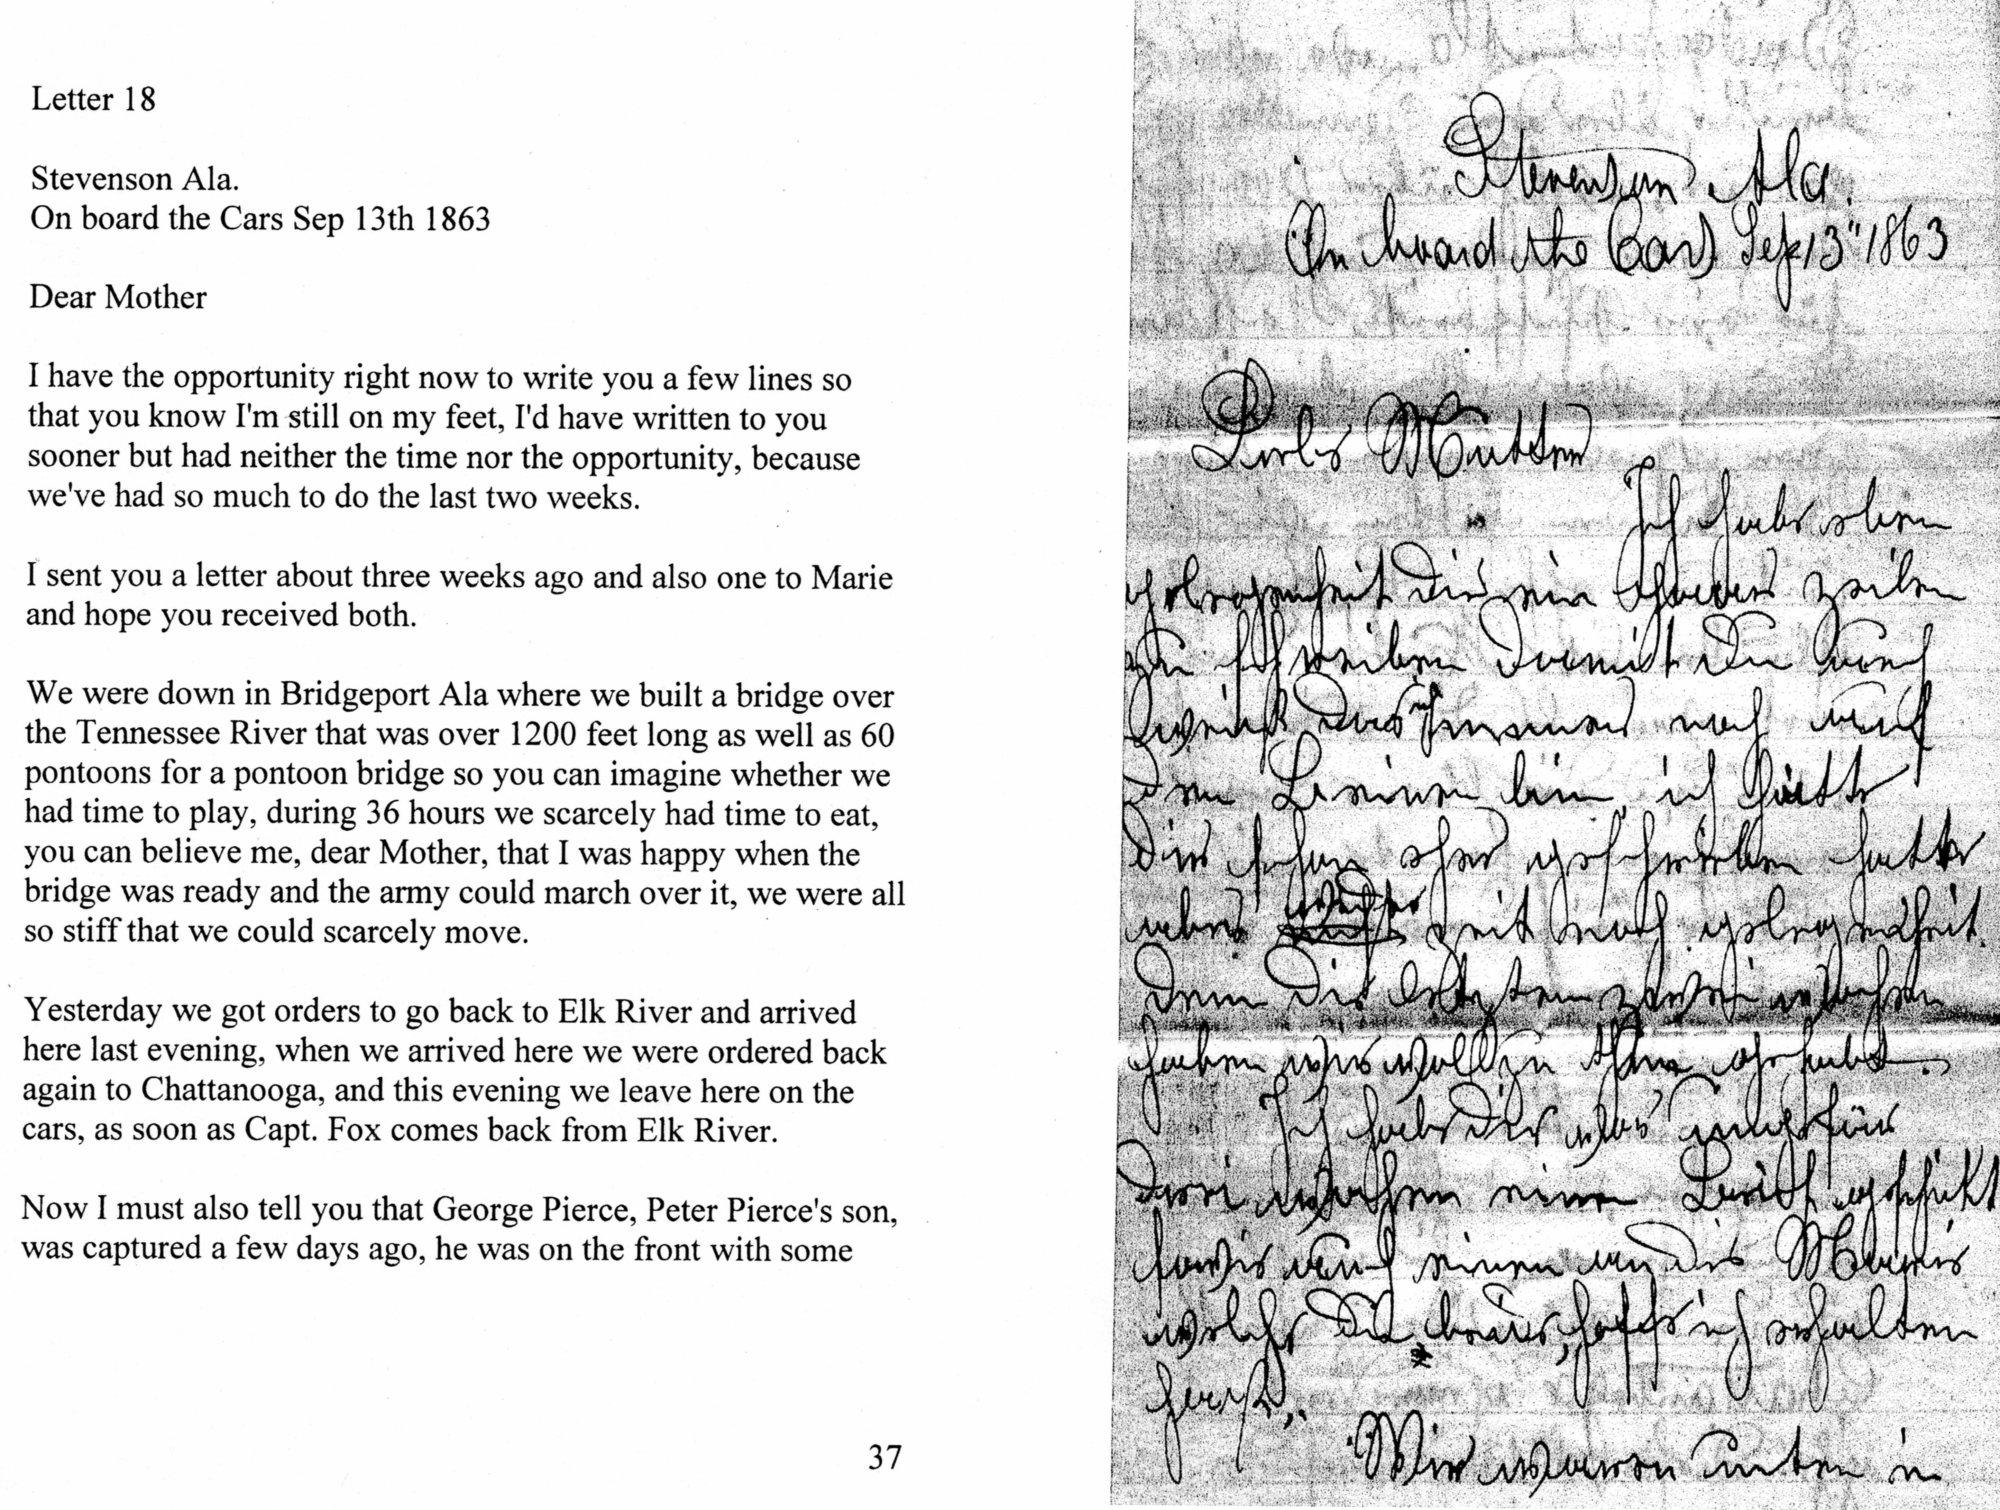 Herkner civil war letter history grand rapids herkner civil war letter aljukfo Image collections